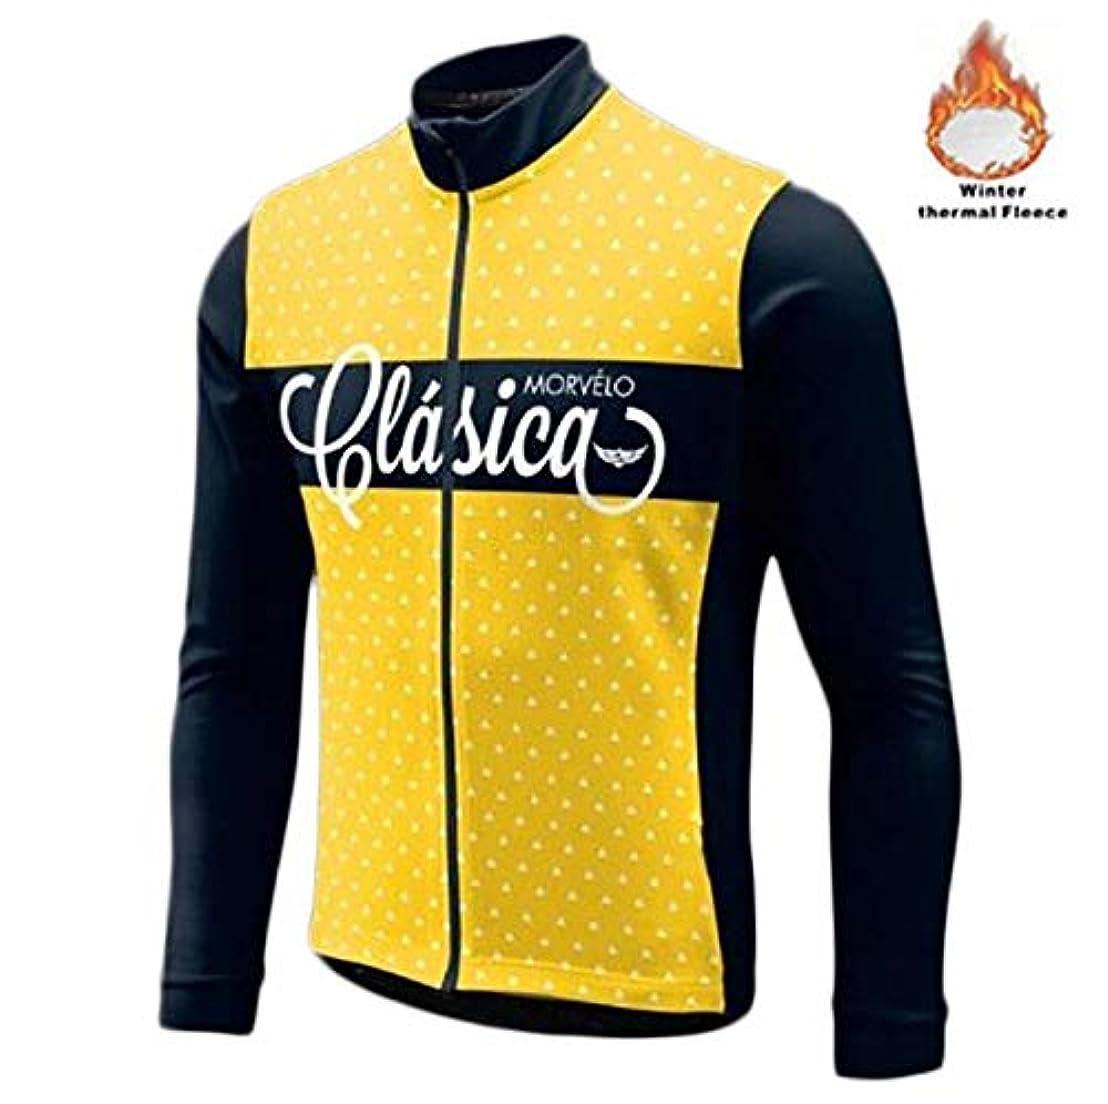 消防士アーサーコナンドイル分サイクリングジャージー長袖自転車ウェア自転車服 Makfacp (Color : 16, Size : 6XL)